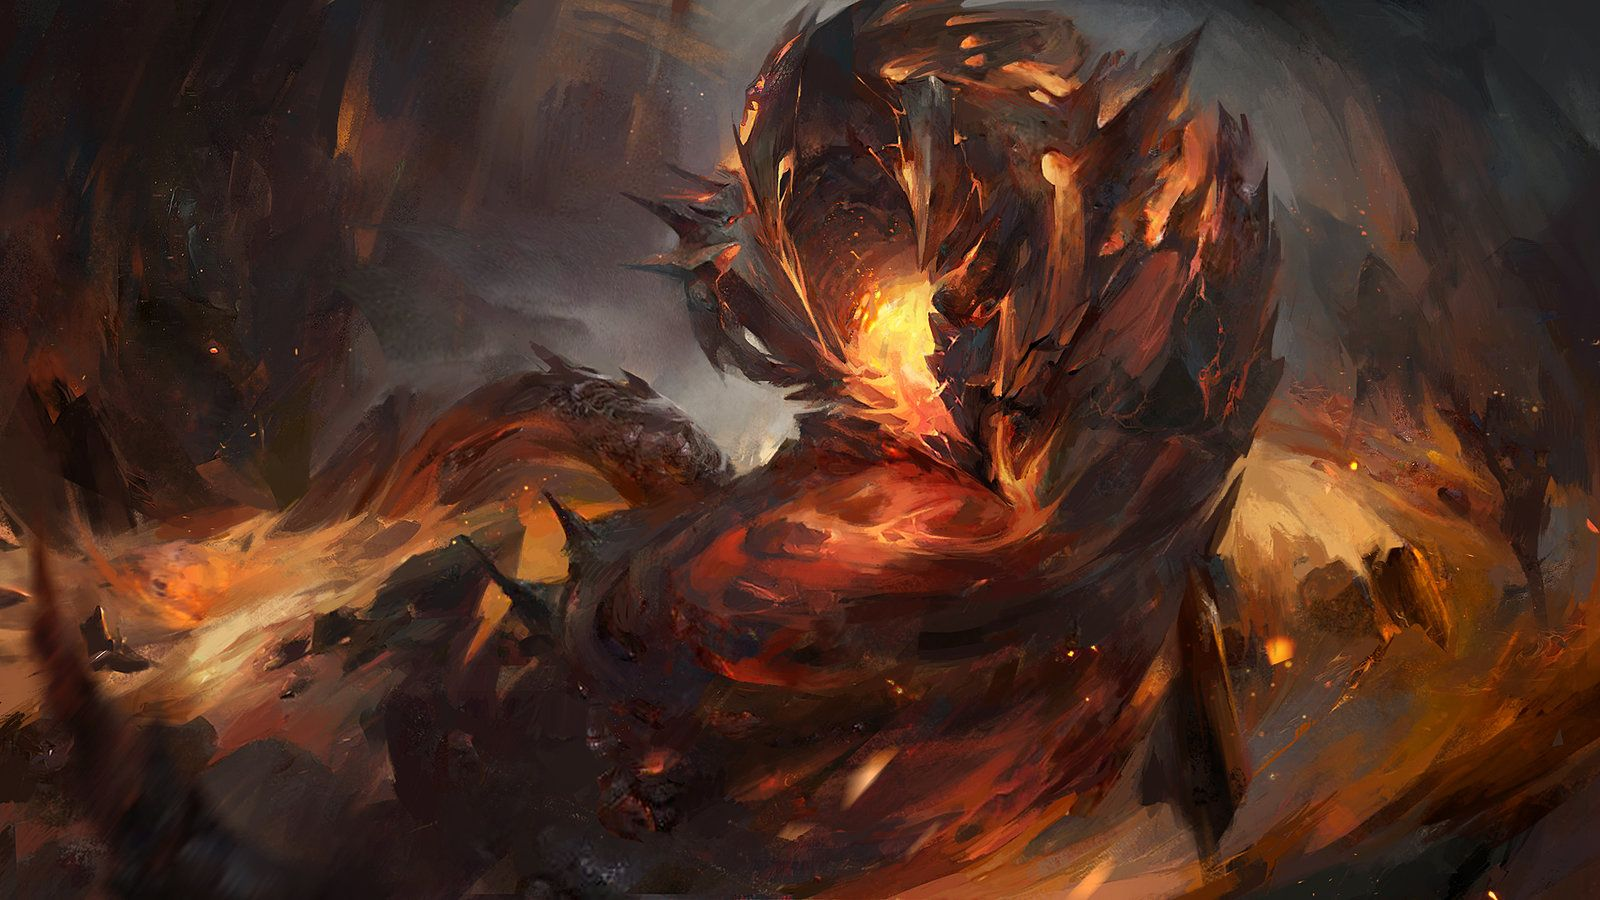 lava worm heroic onslaught alexandra roslik on artstation at https